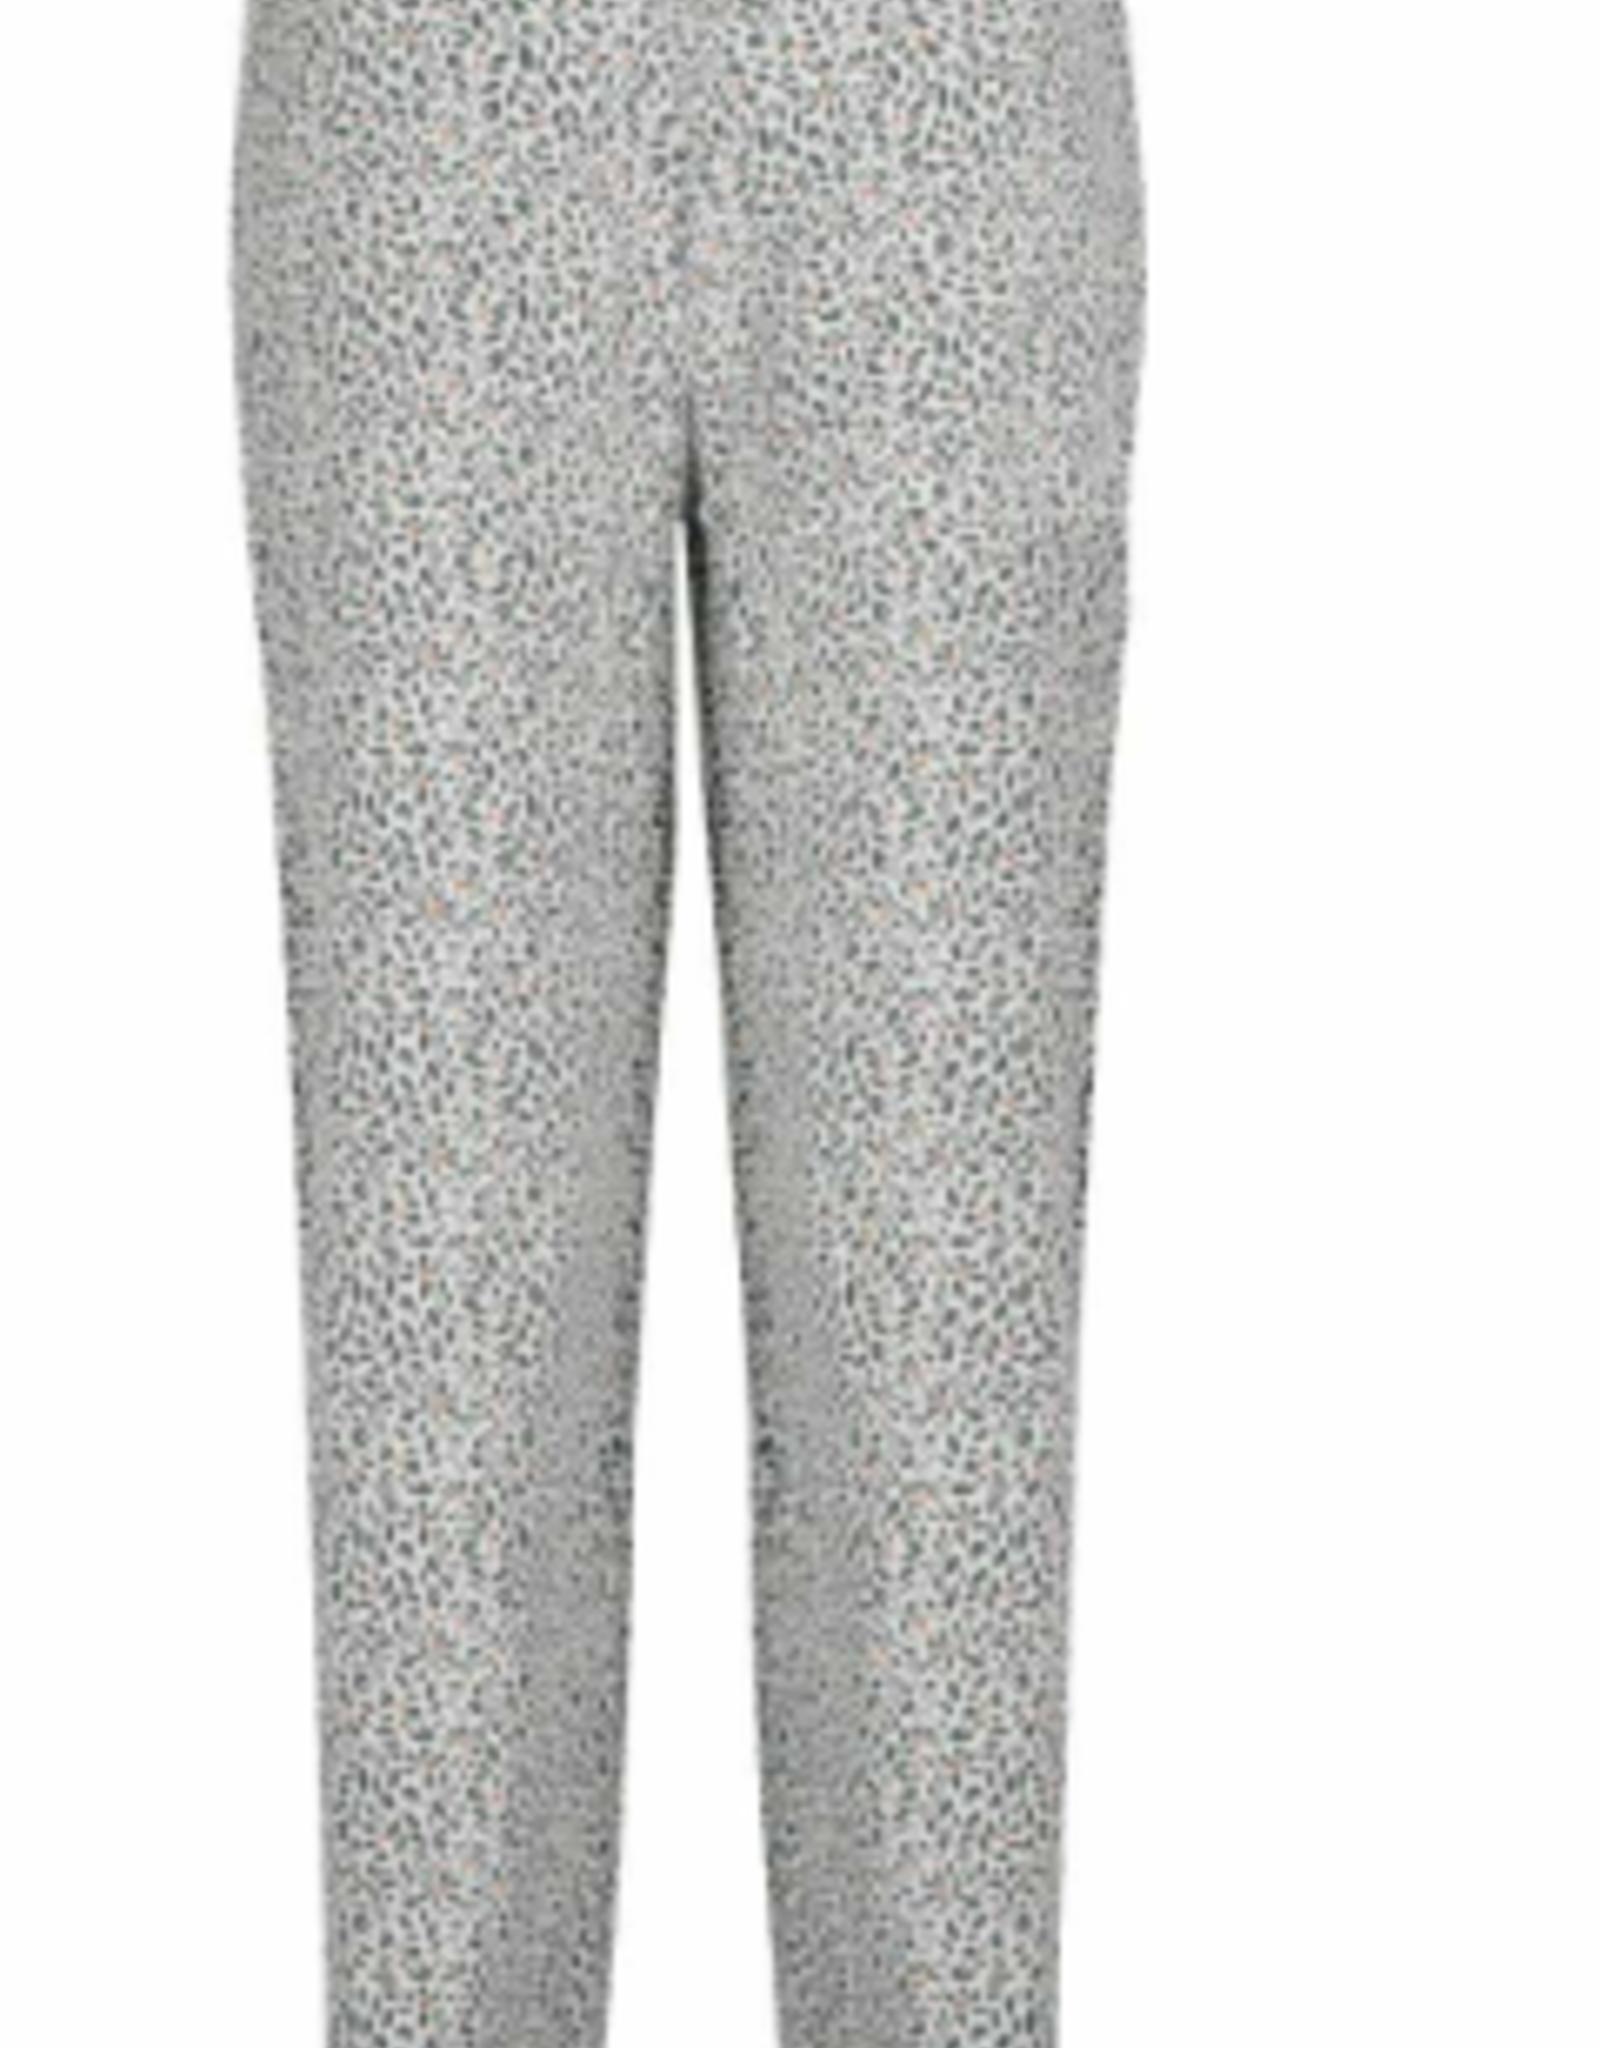 JcSophie Pantalon Danielle print